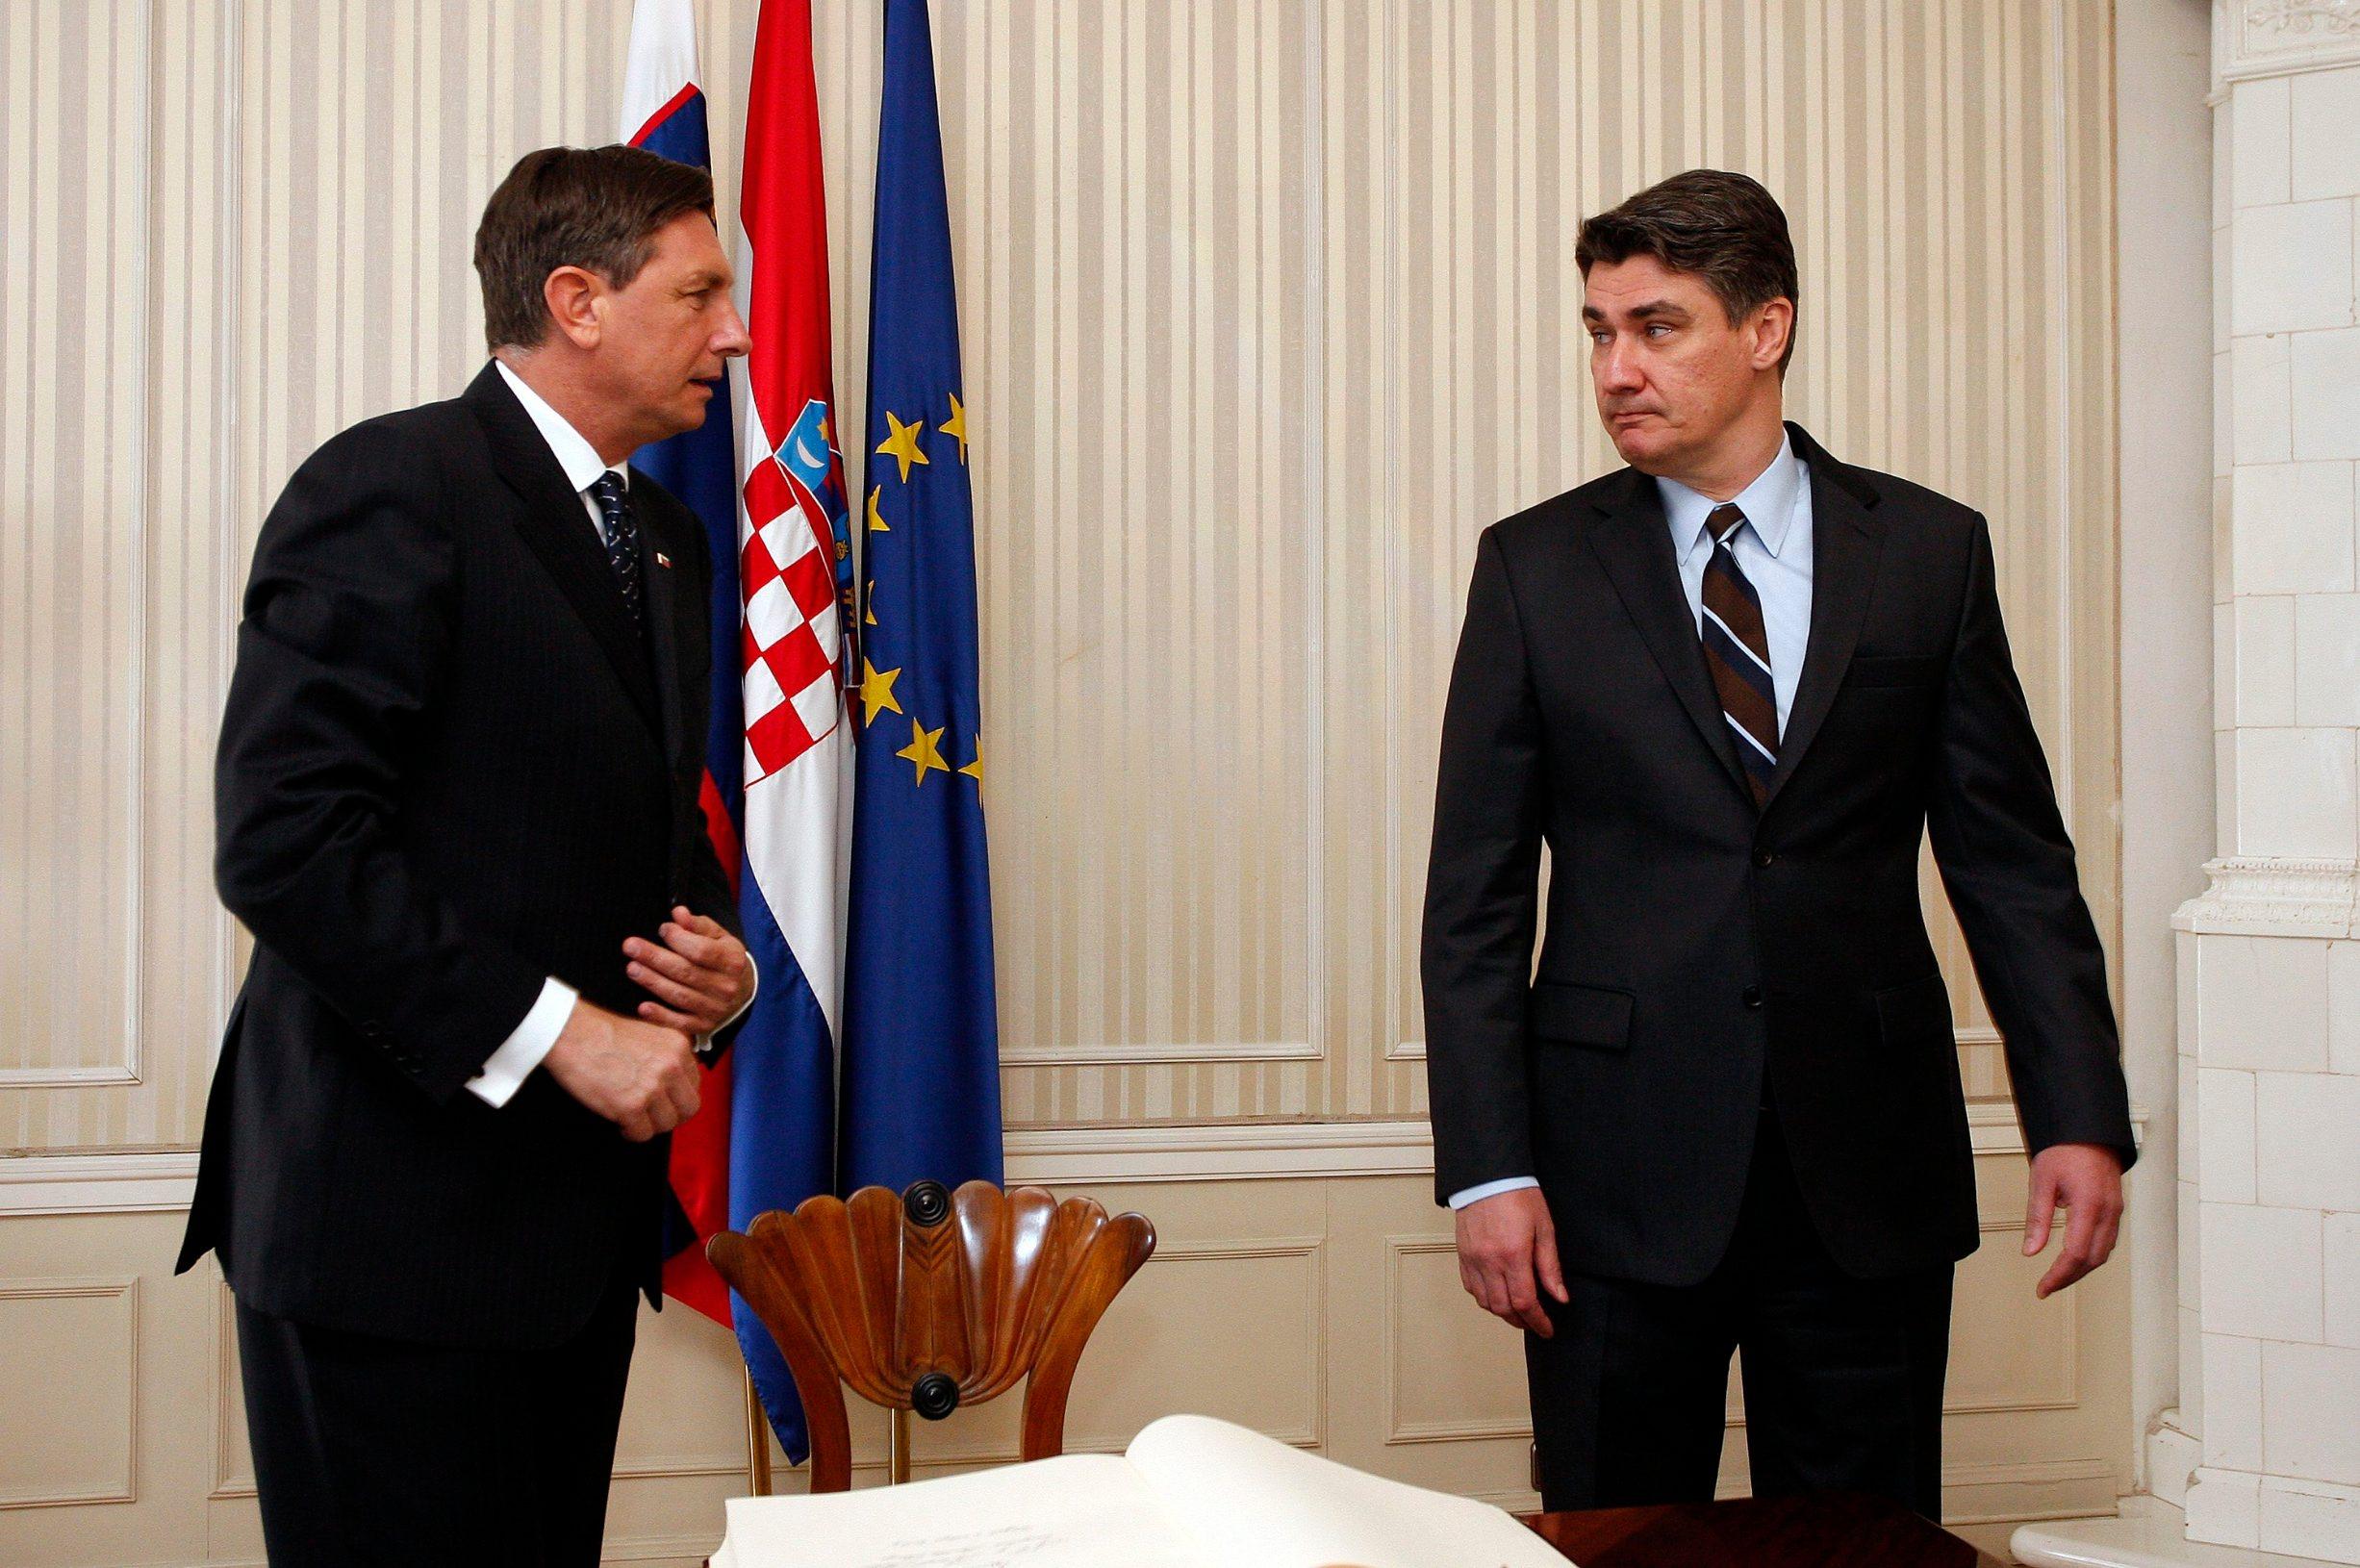 Susret Boruta Pahora i Zorana Milanovića 2013. godine